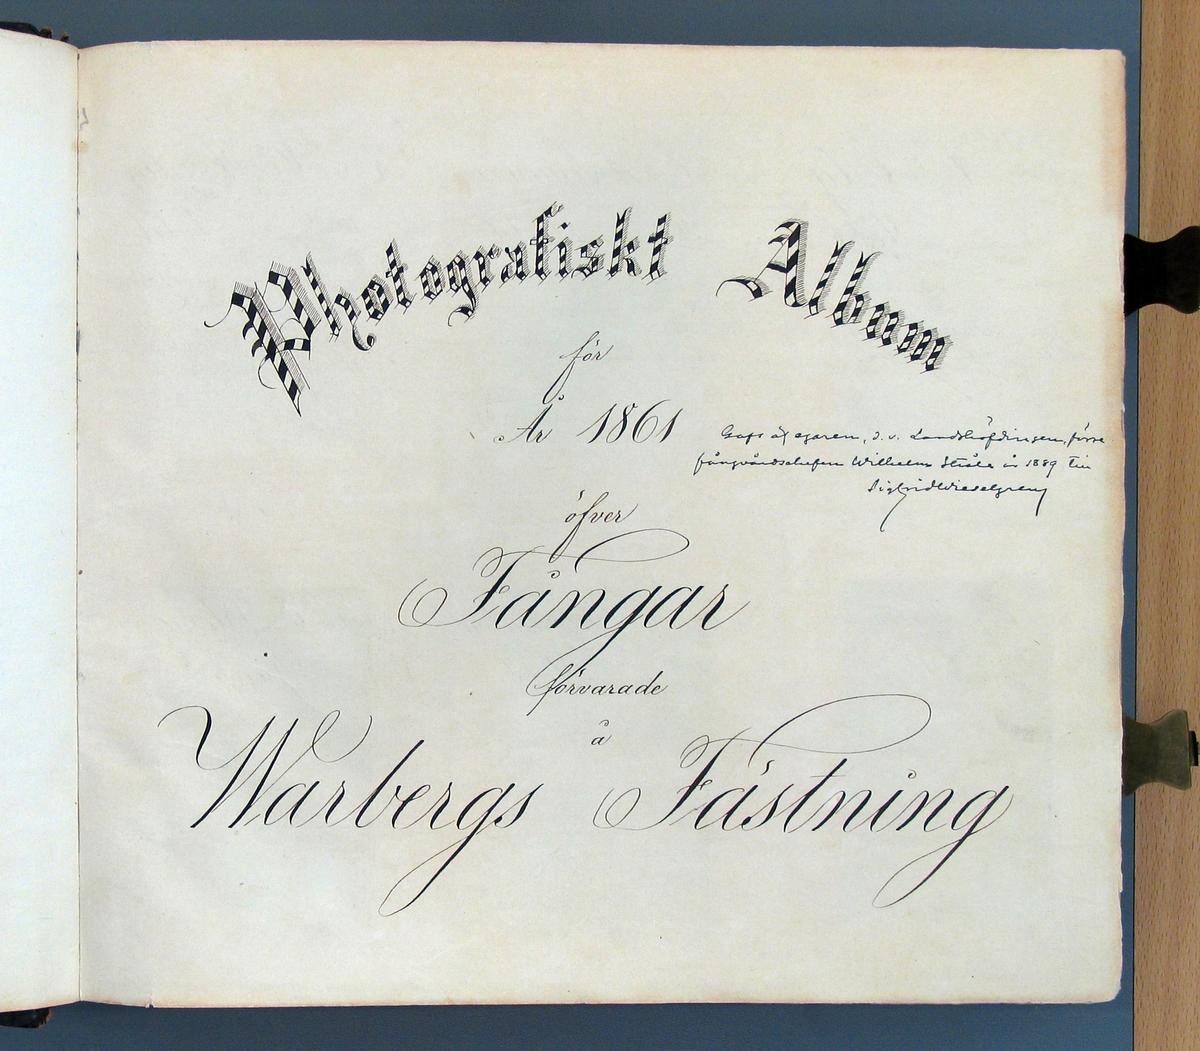 """Ur """"Photografiskt Album för år 1861 öfver fångar förvarade å Warbergs fästning"""". Fånge N:o 168 C. Pettersson. Fjärde resan stöld. 55 år gammal, född i Tvings sn., Blekinge län. """"Visat våldsamhet och högst opålitligt uppförande å Ny Elfsborg. Kallas af fångarne å fästningen för Wargen""""."""